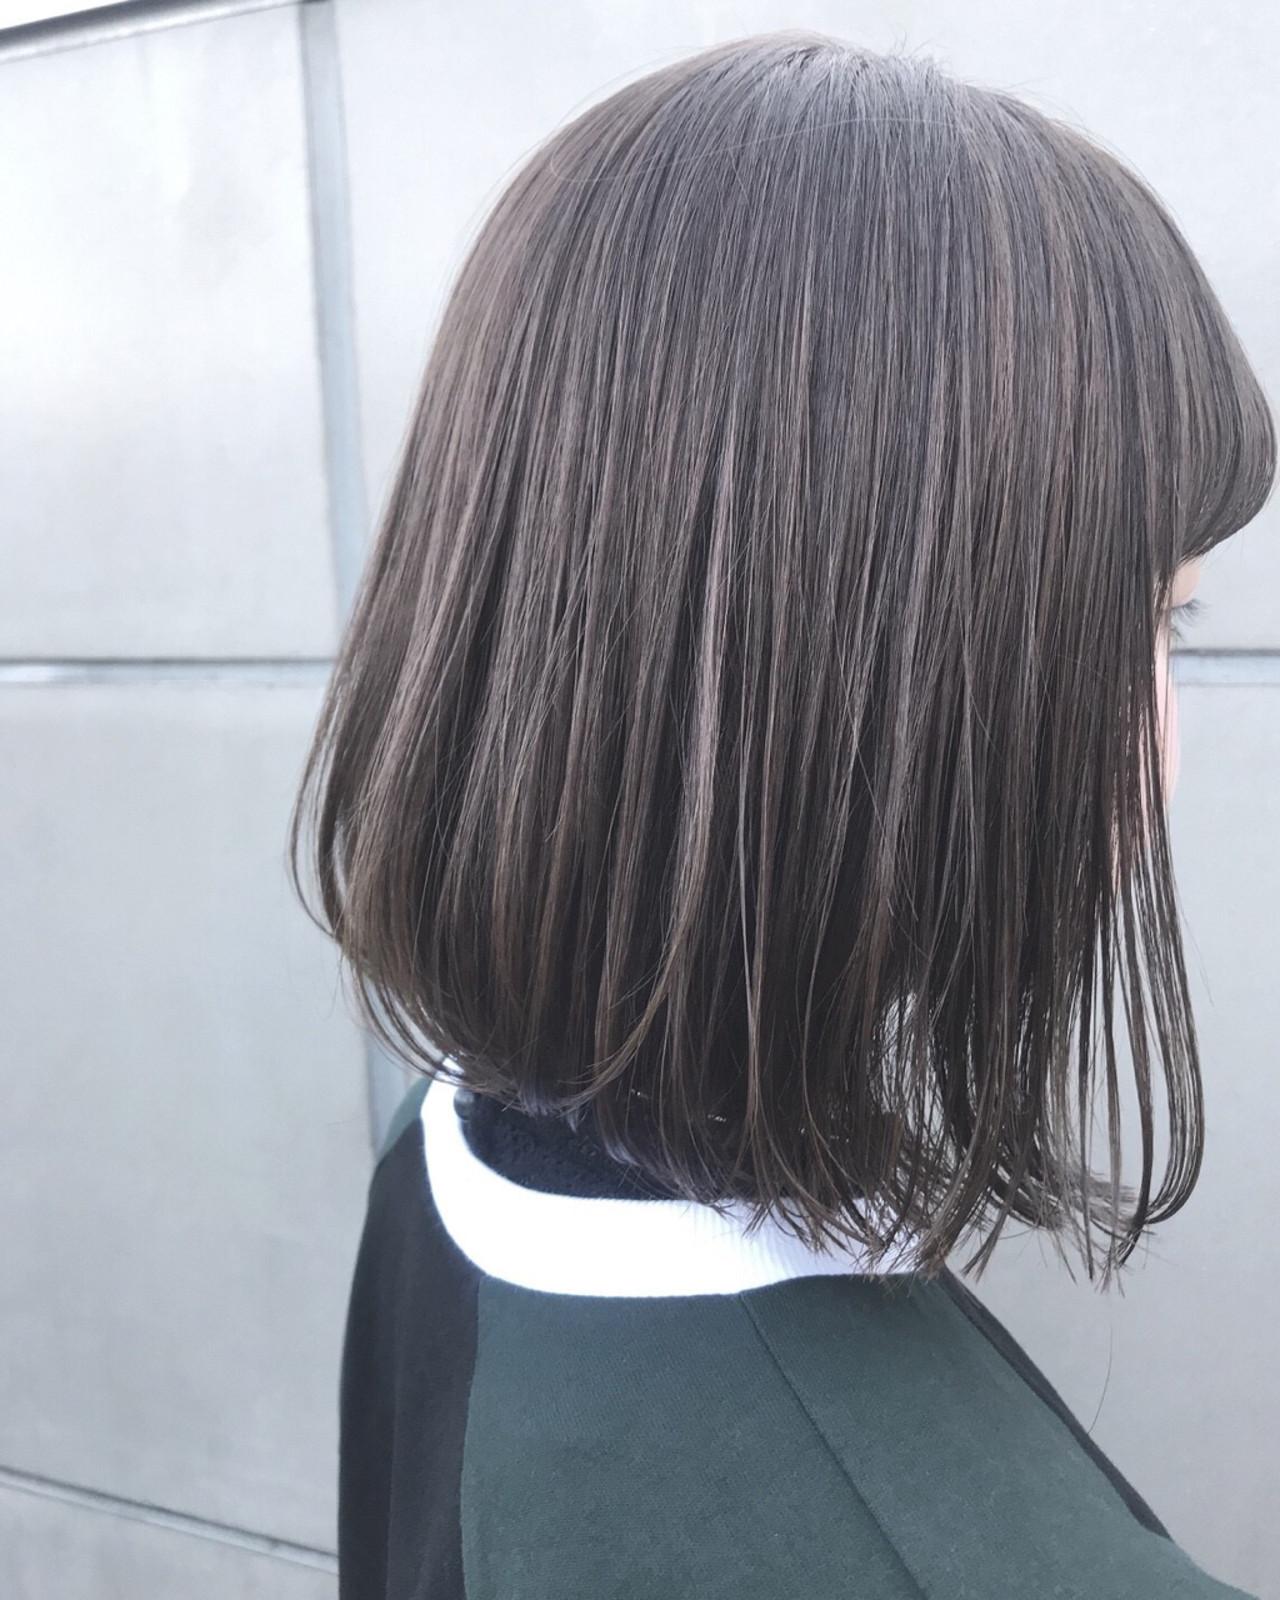 ボブ ヘアアレンジ デート アウトドア ヘアスタイルや髪型の写真・画像